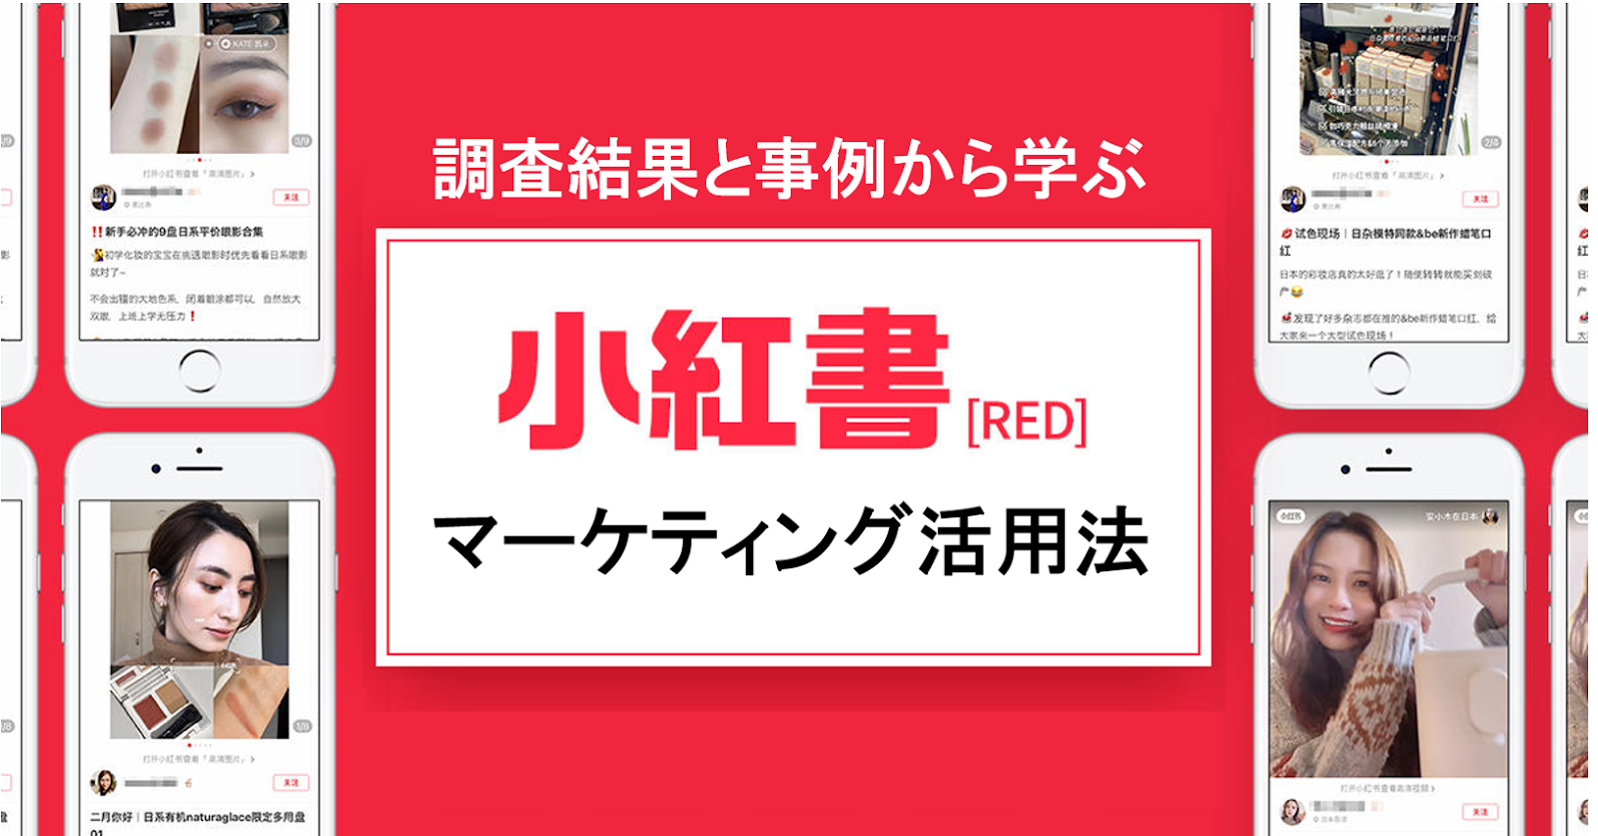 【調査結果と事例から学ぶ】小紅書(RED)マーケティング活用法